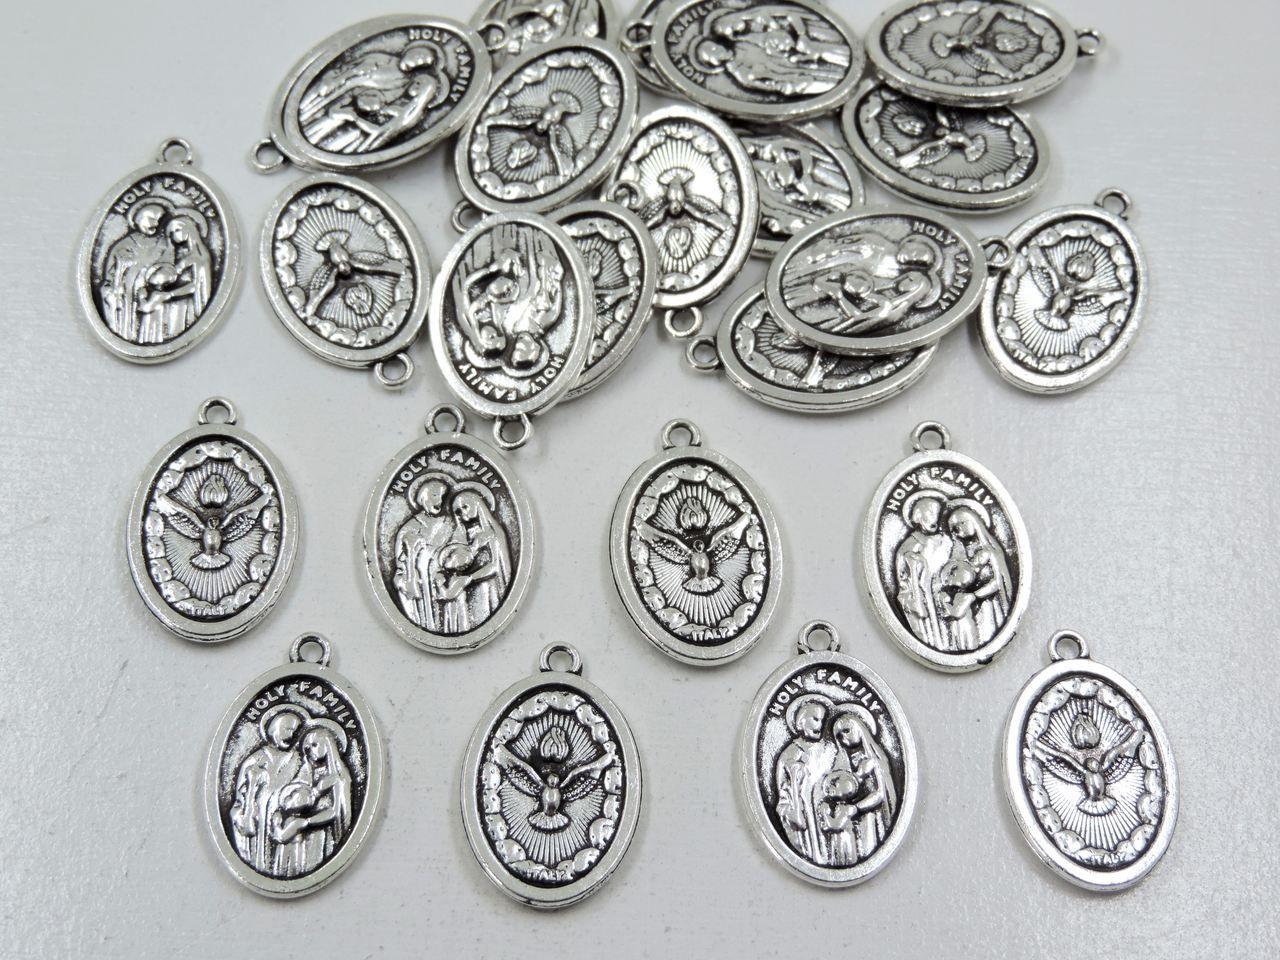 pingente medalha sagrada família e divino espírito santo 24 unidades